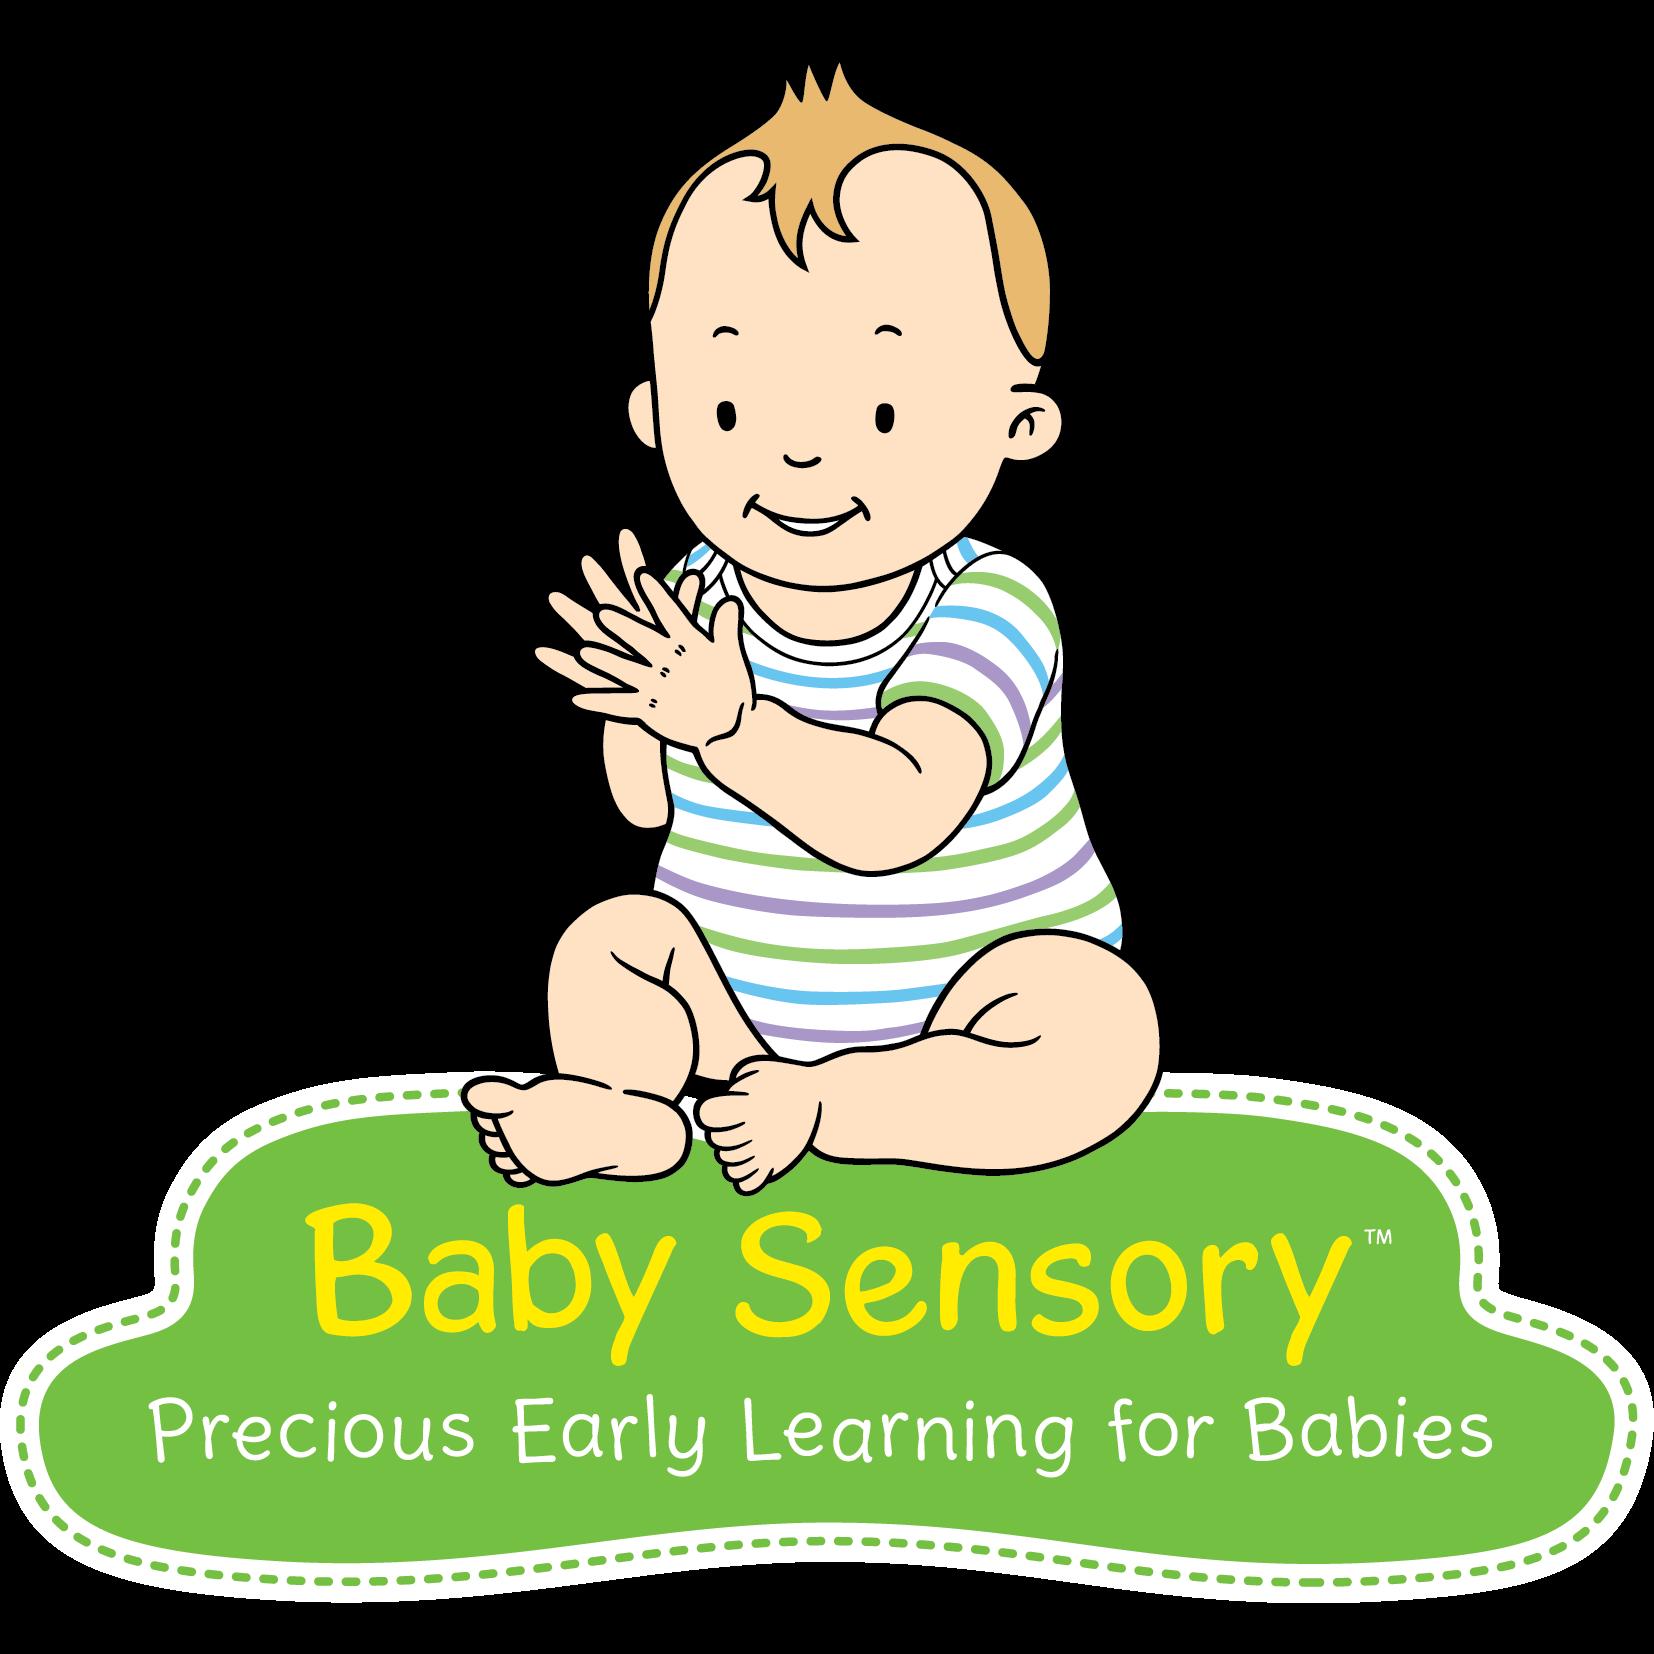 BabySensory franchise